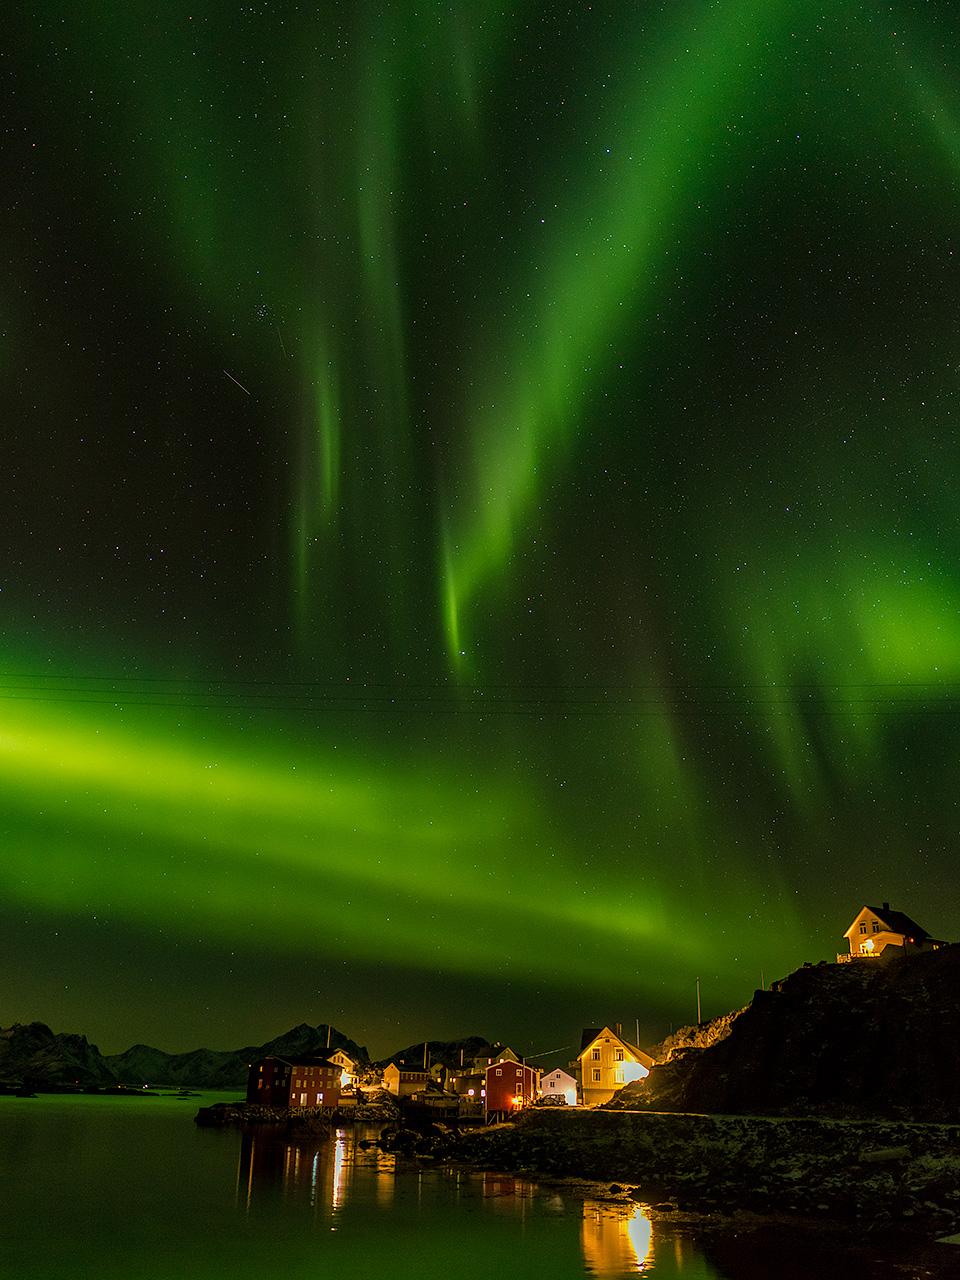 De aurora boven het Noorse plaatsje Nyksund